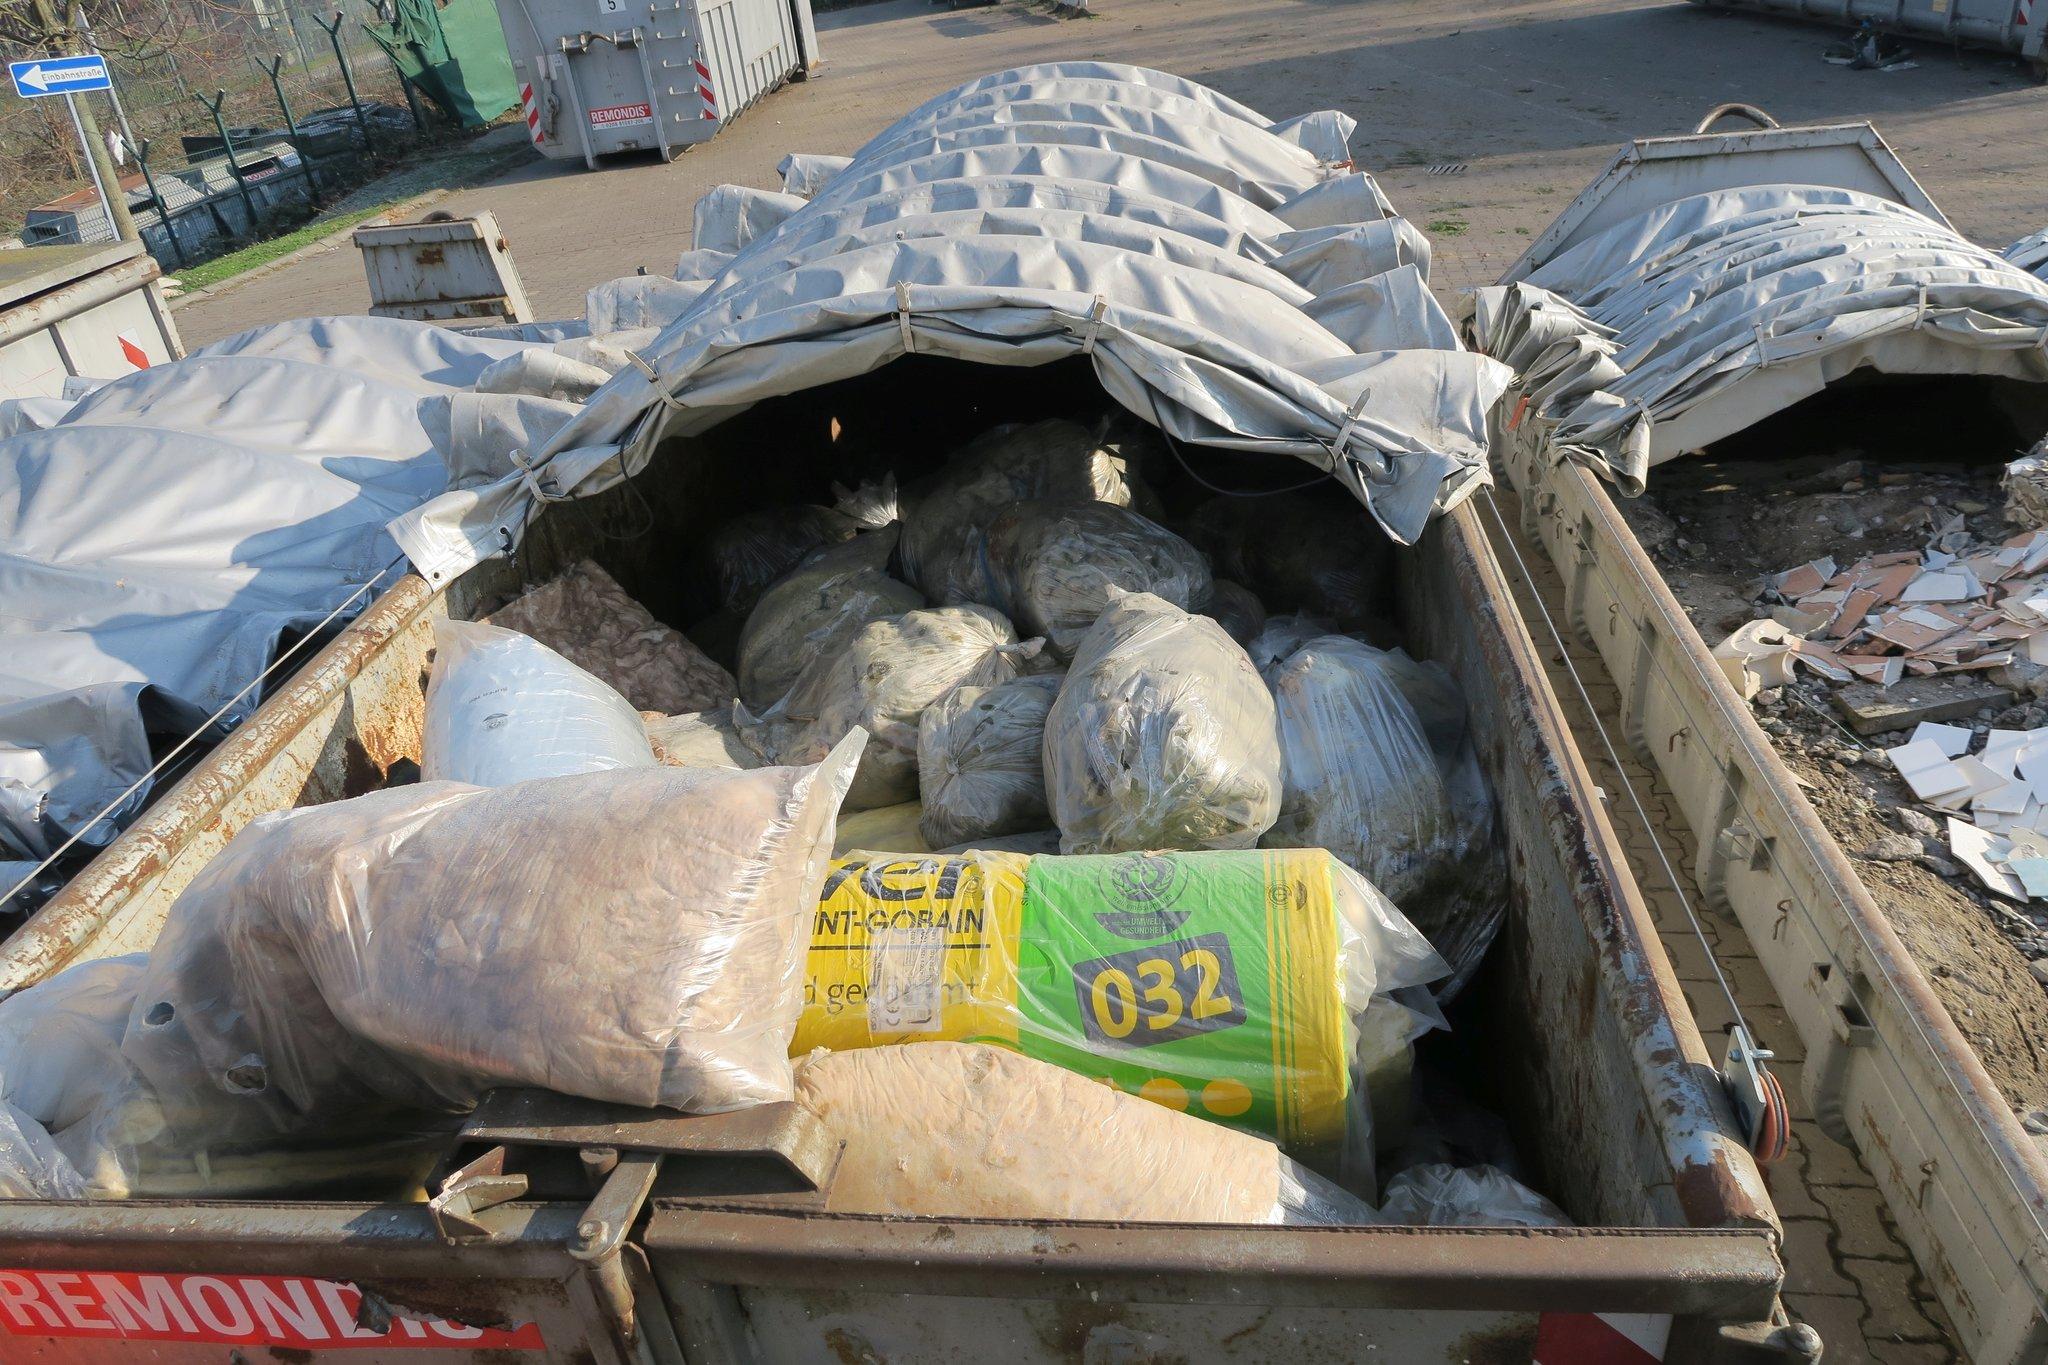 Atemberaubend Asbest – die oft unerkannte Gefahr – richtig entsorgen - Oberhausen @VE_31